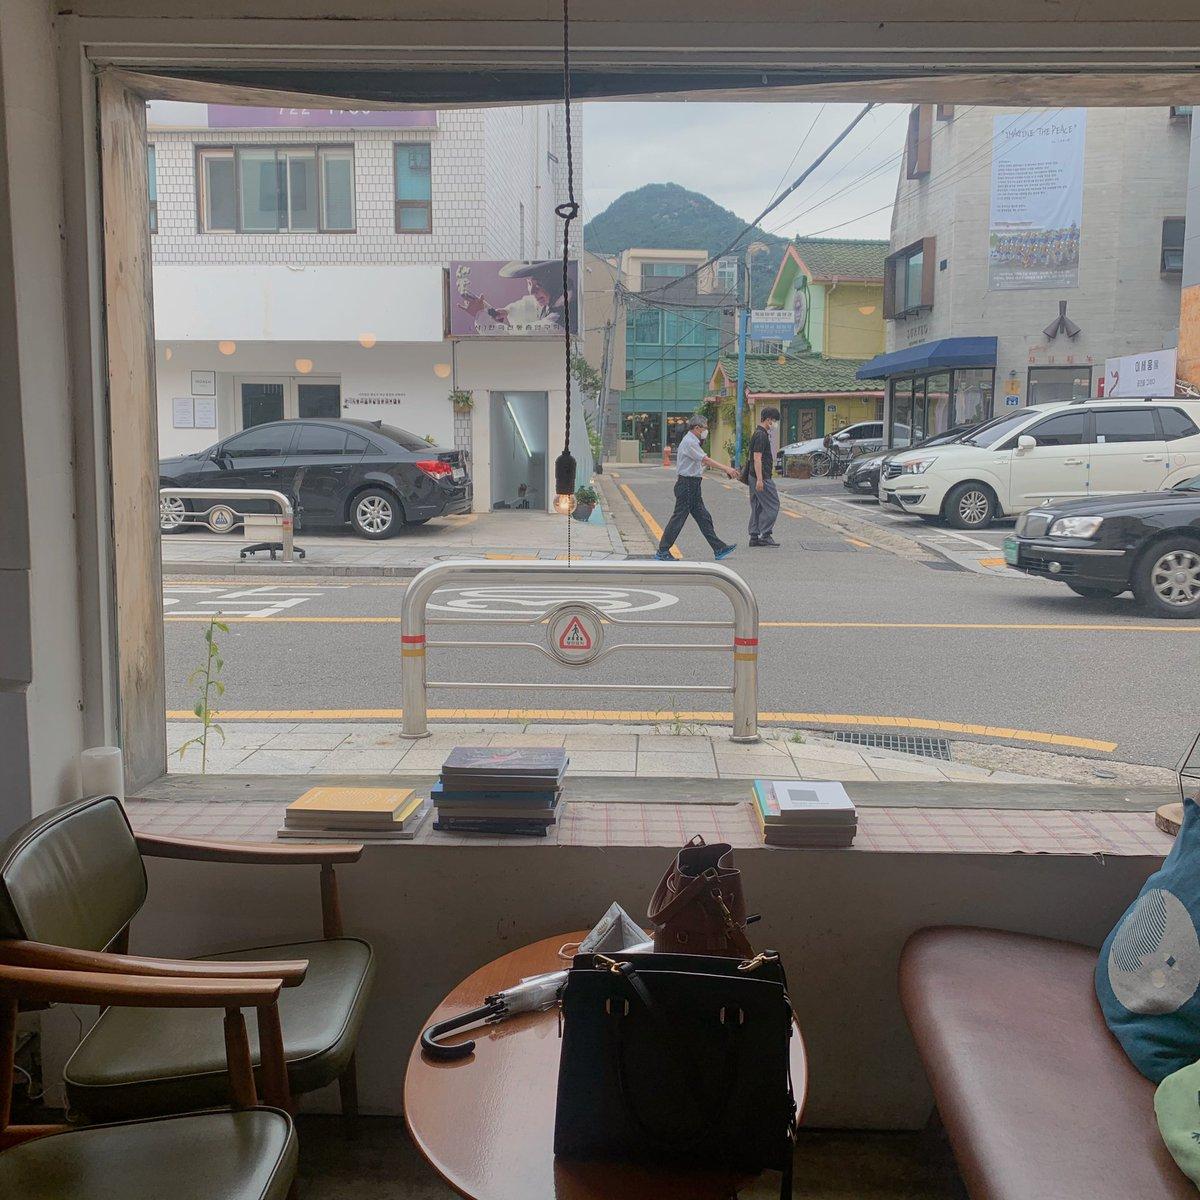 ร้านบรันช์เล็ก ๆ Slow Recipe เหมาะสำหรับชีวิตแบบสโลว์ไลฟ์ในโซล😌  คาเฟ่ร้านดังแถววังคยองบกที่มีหน้าต่างบานโตสำหรับมองวิวชิลล์ ๆ พร้อมจิบกาแฟไป☕️ แนะนำให้รีบไปเช้า ๆ จะได้จองที่นั่งวิวเด็ดของร้านแบบเราค่ะ。◕‿◕。  #เที่ยวเกาหลี #คาเฟ่เกาหลี #อร่อยบอกต่อ #รีวิวเกาหลี #รีวิวคาเฟ่ https://t.co/0Rk47z3k7w